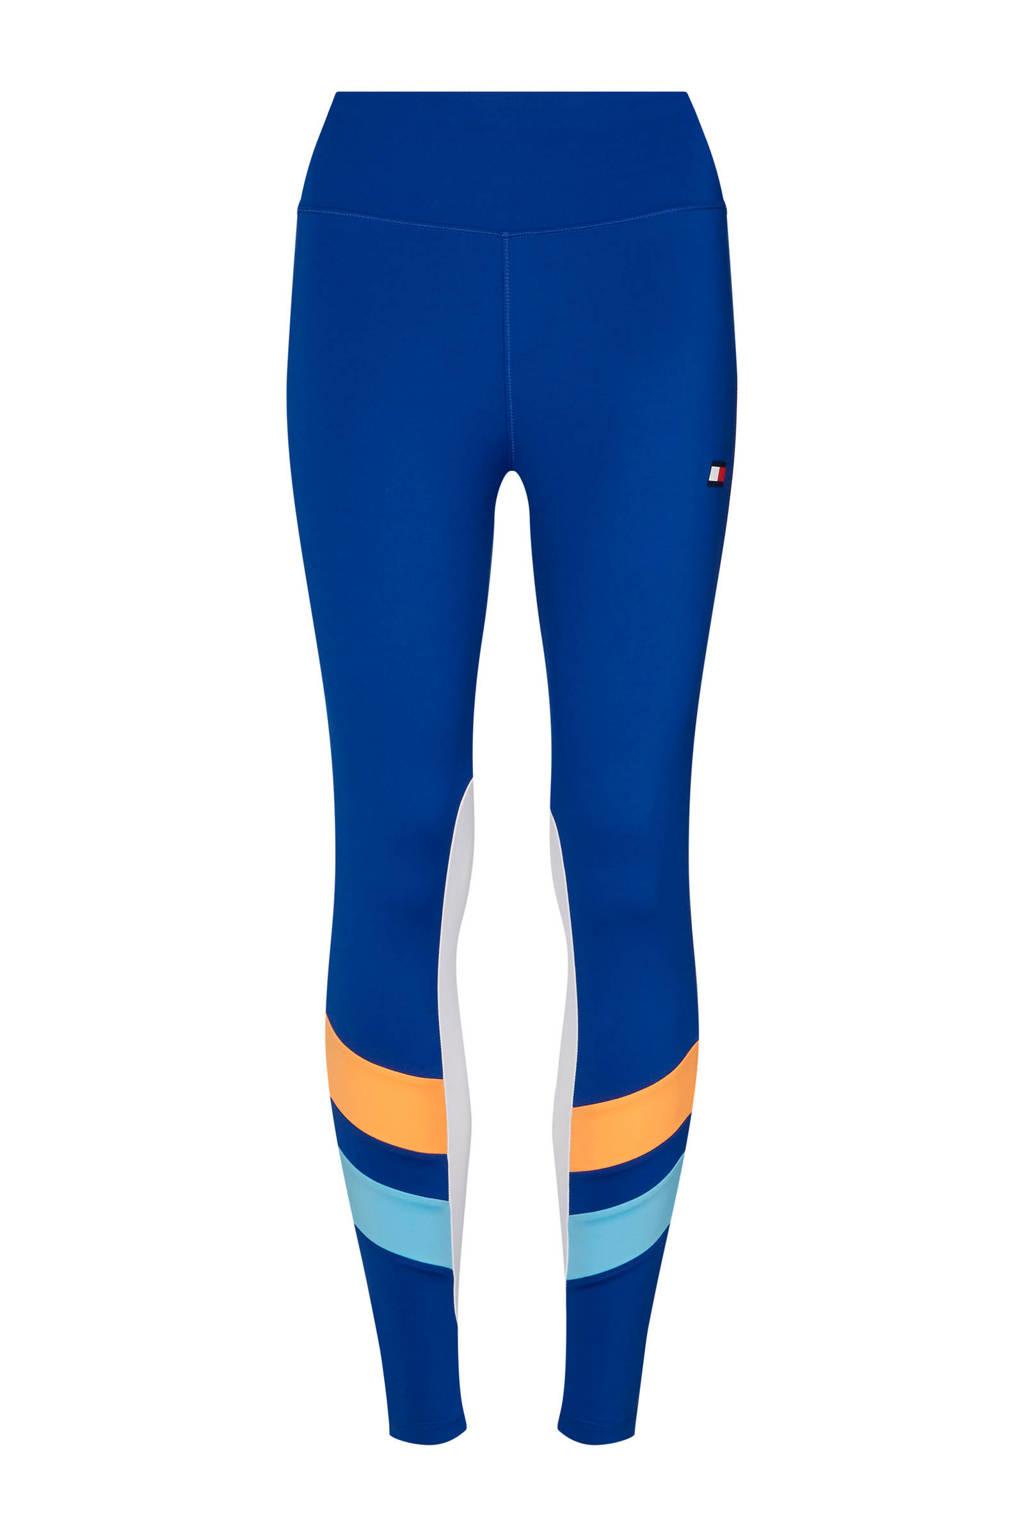 Tommy Hilfiger Sport sportbroek, Blauw/oranje/lichtblauw